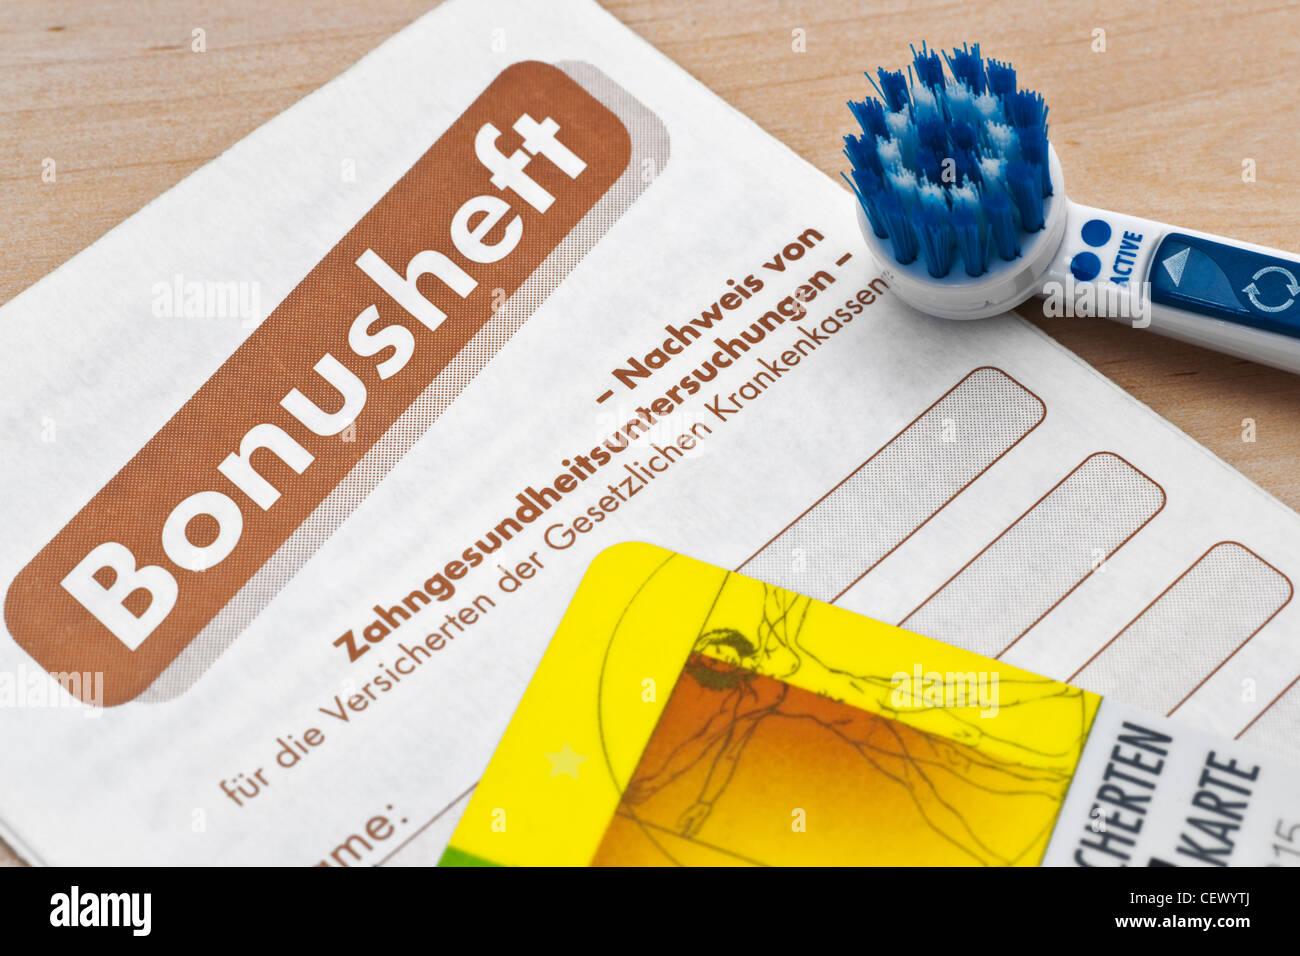 Foto detalle de un dentista folleto de bonificación, un cepillo y una tarjeta de seguro sanitario junto a Foto de stock